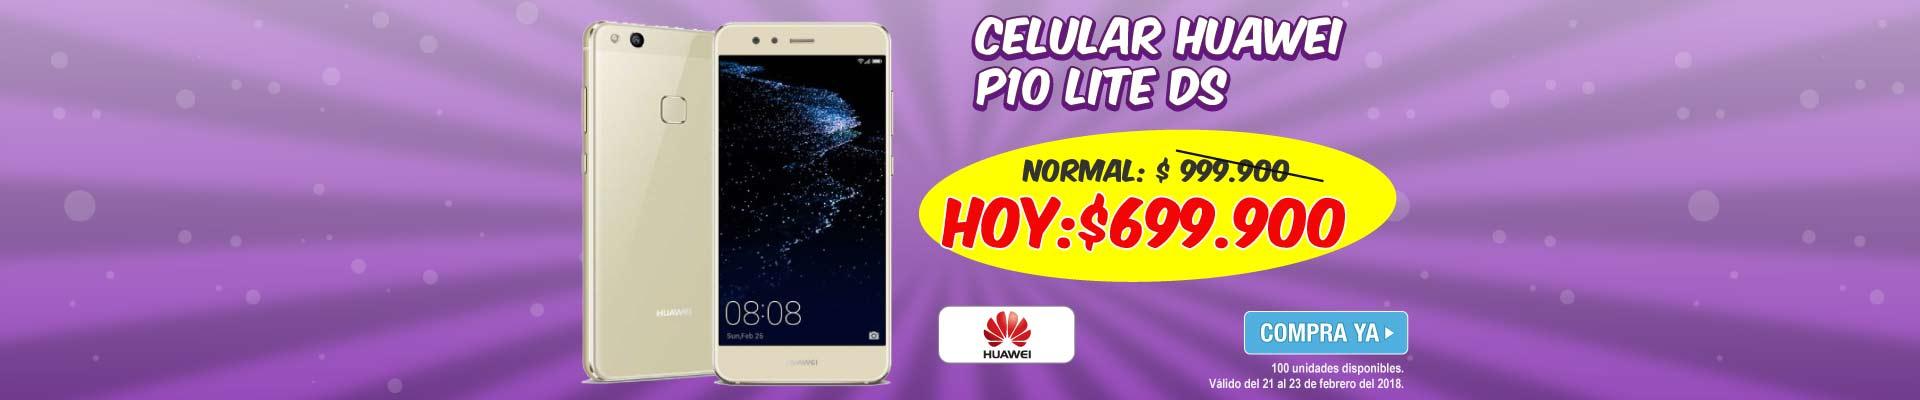 PPAL ALKP-3-celulares-Celular HUAWEI P10 Lite DS-prod-Febrero21-23